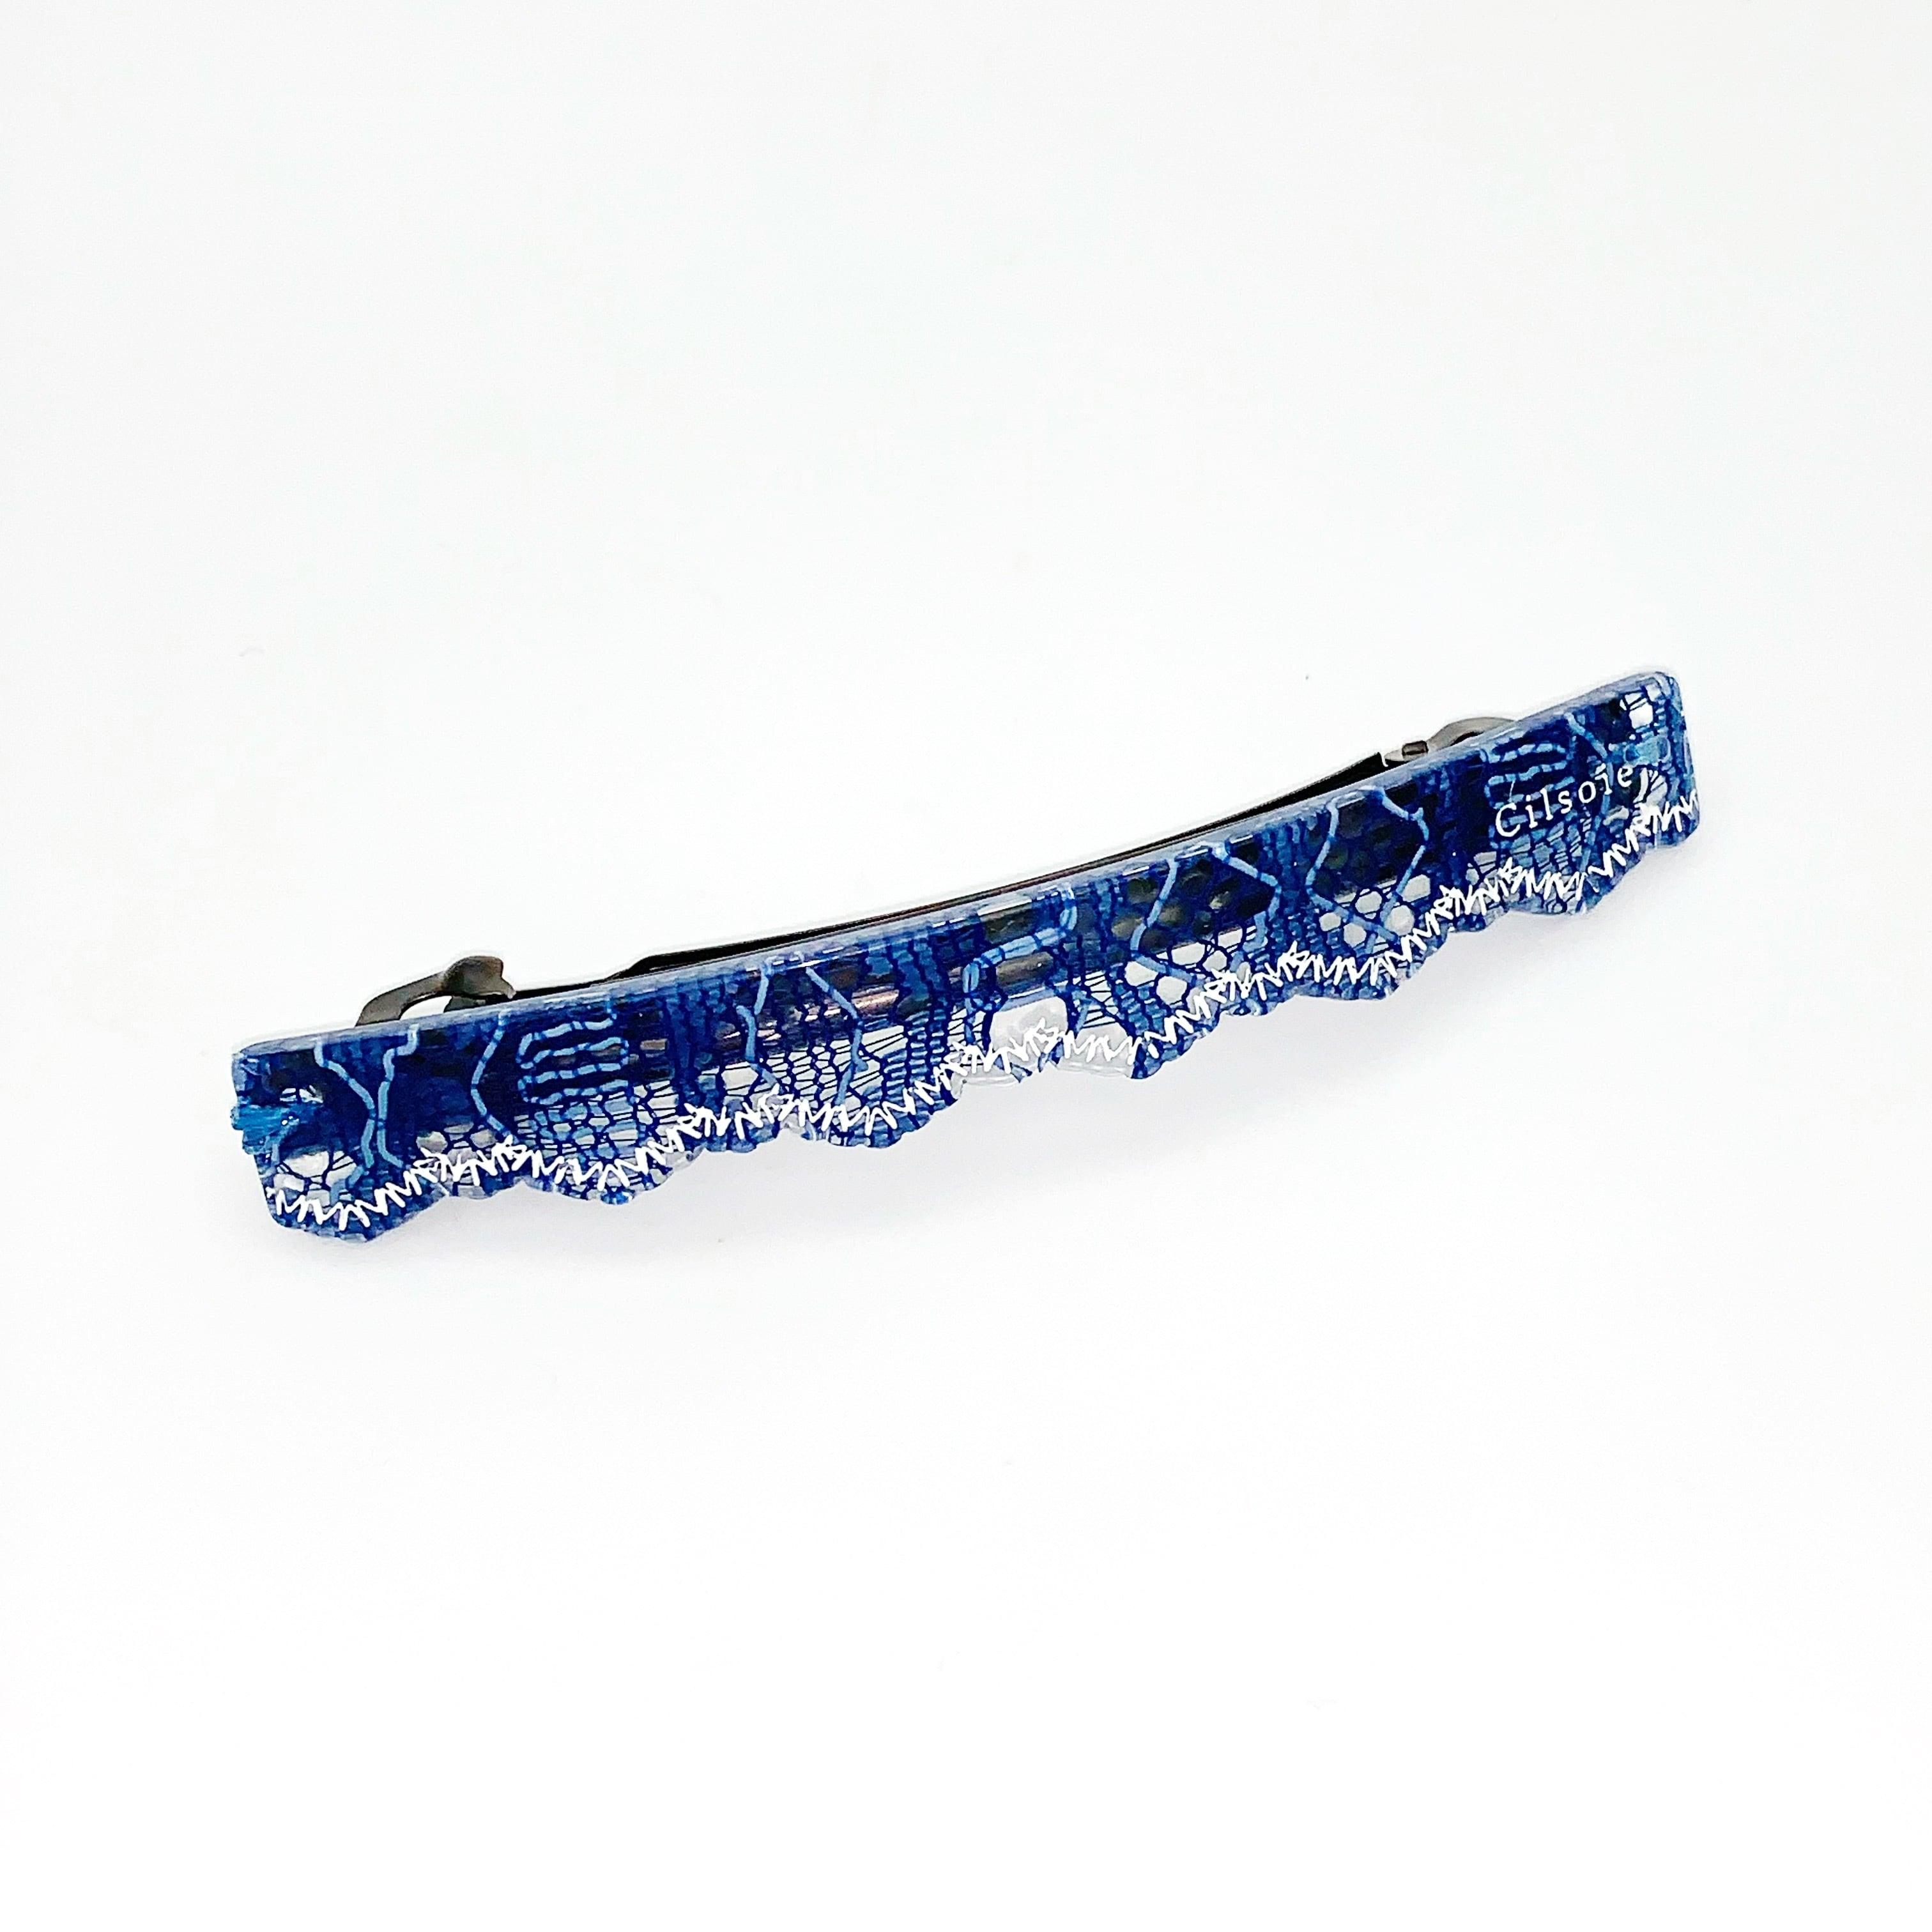 Cilsoie レースバレッタ Blue